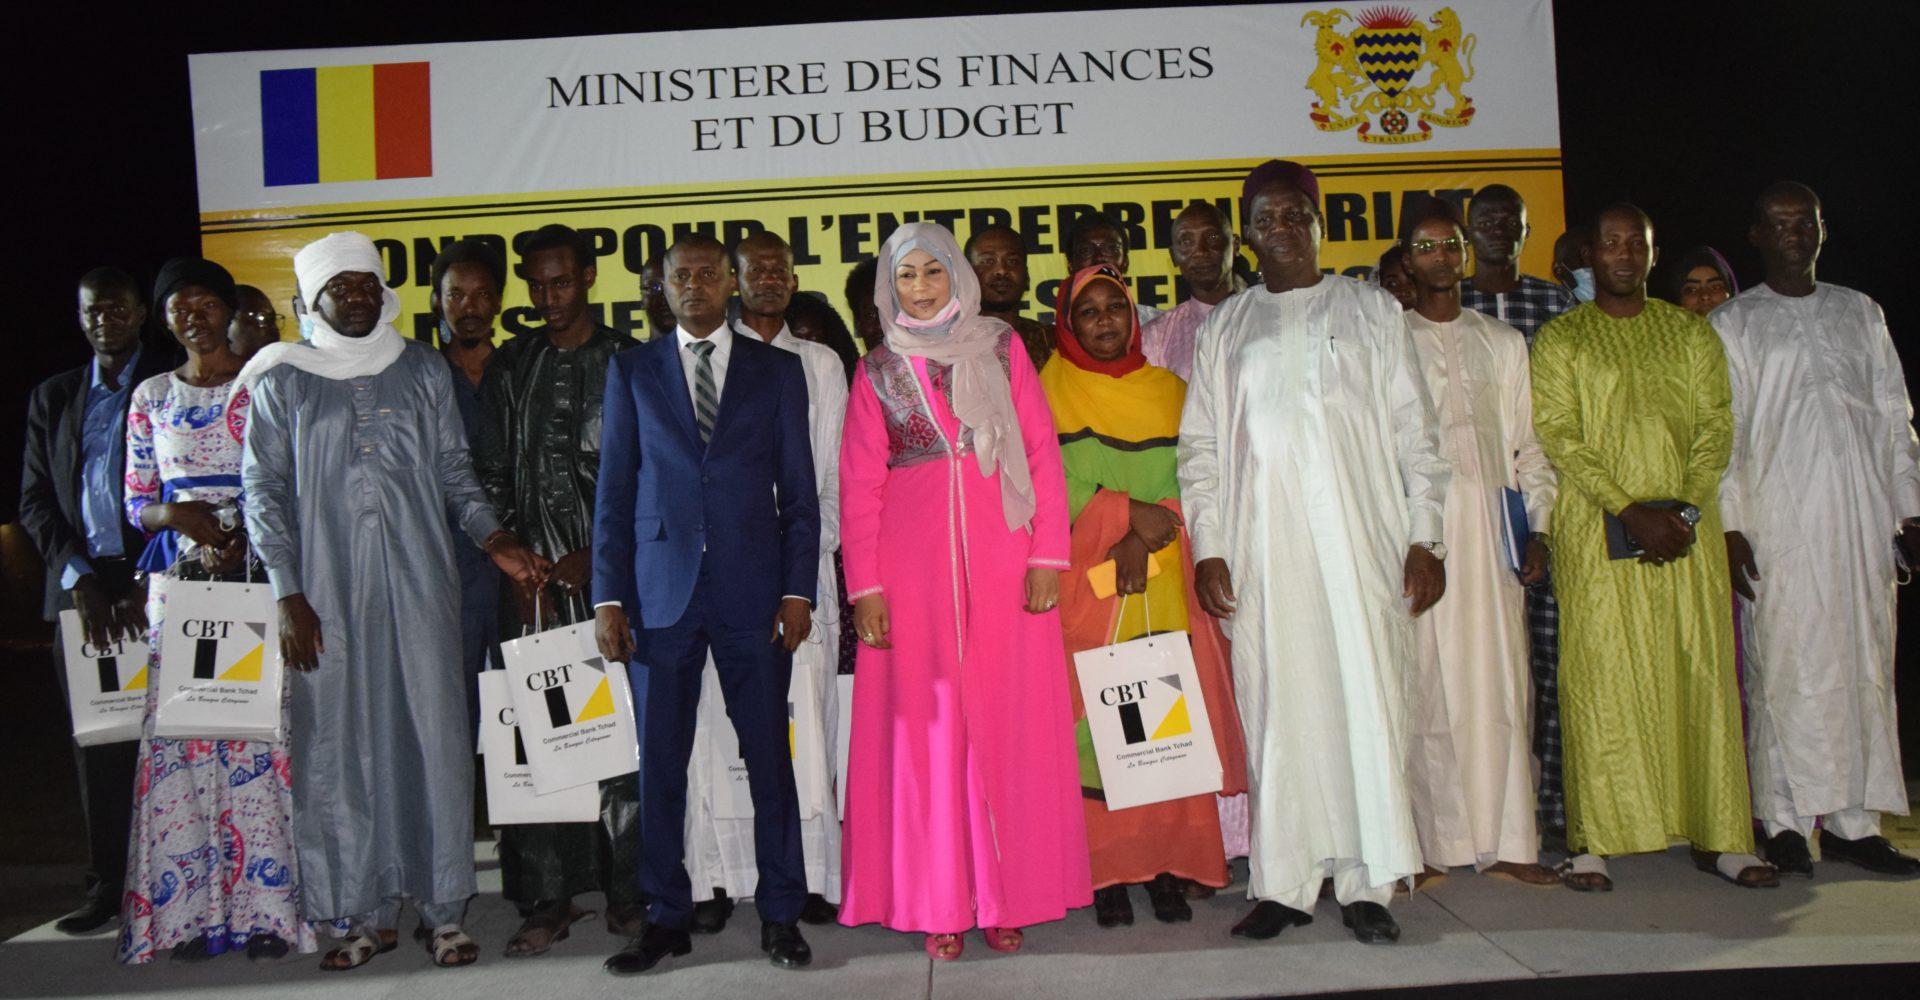 31 jeunes bénéficient d'un financement de 700 millions de francs Cfa 1